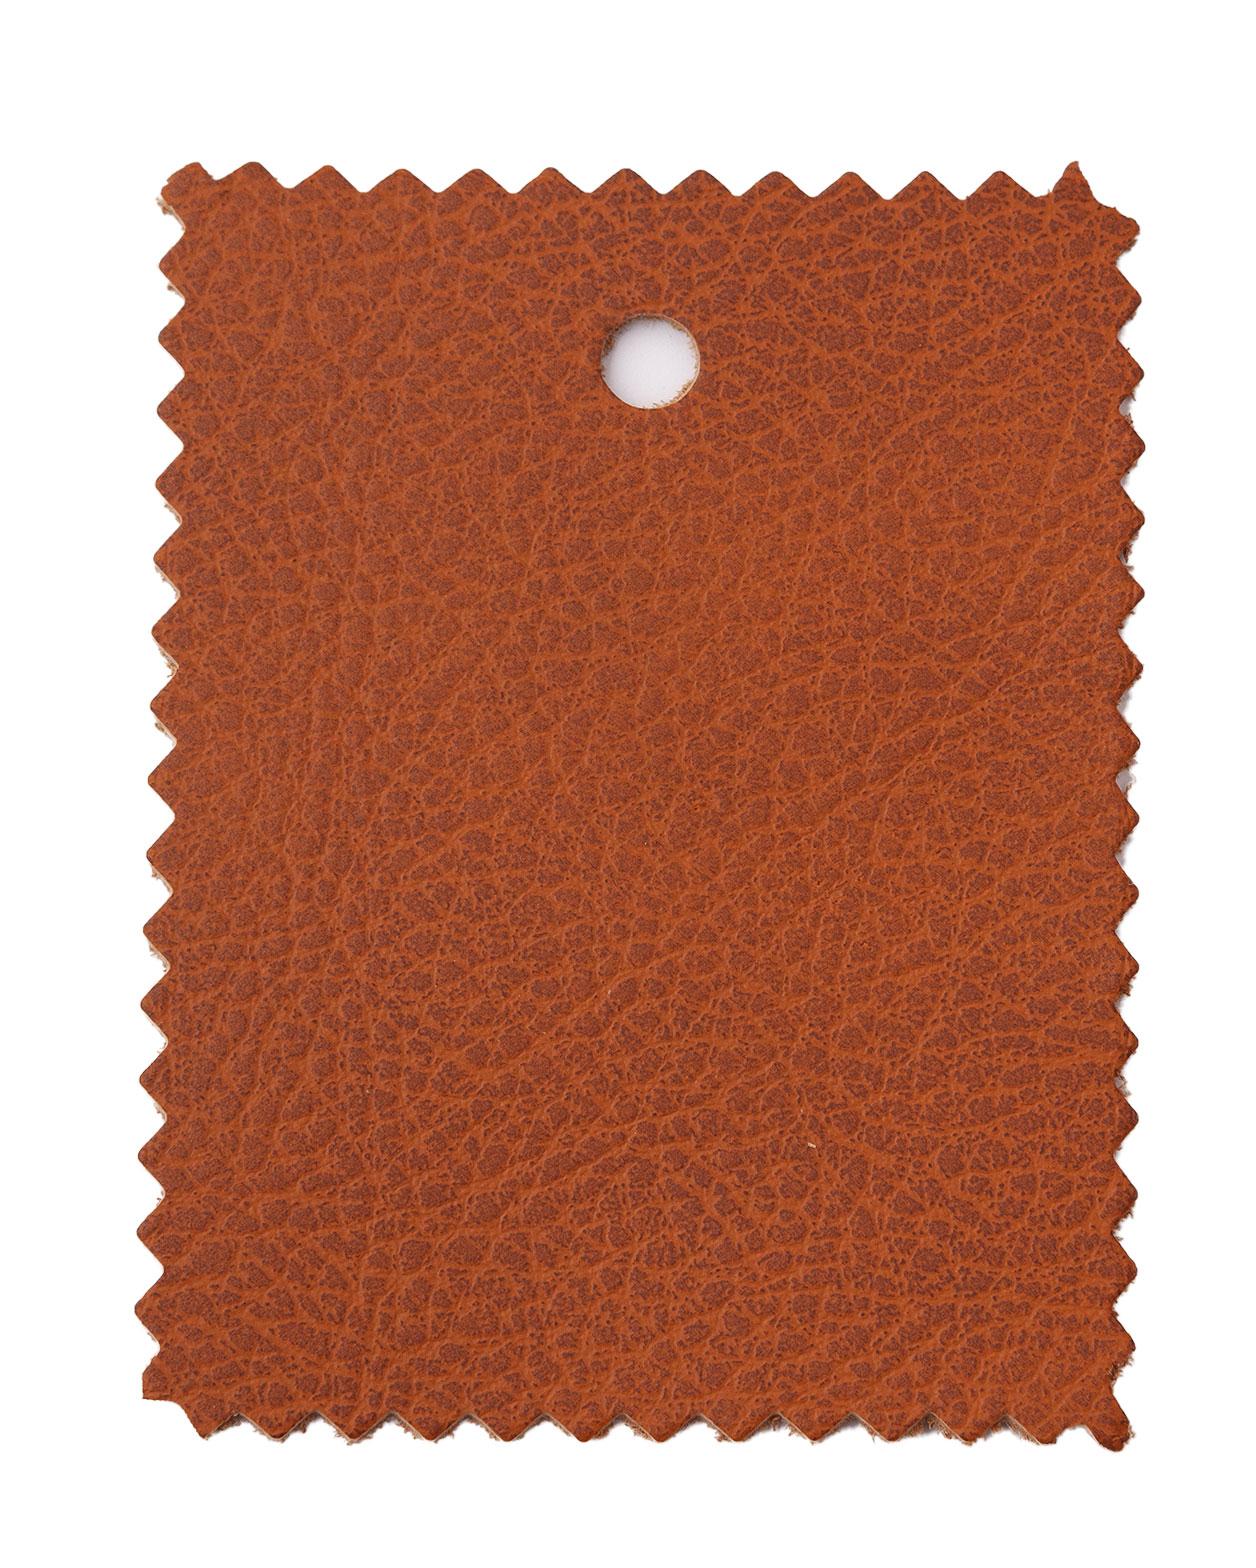 Abbildung Oldtimerleder-8006K-cognac-2-ton-kopfgefaerbt